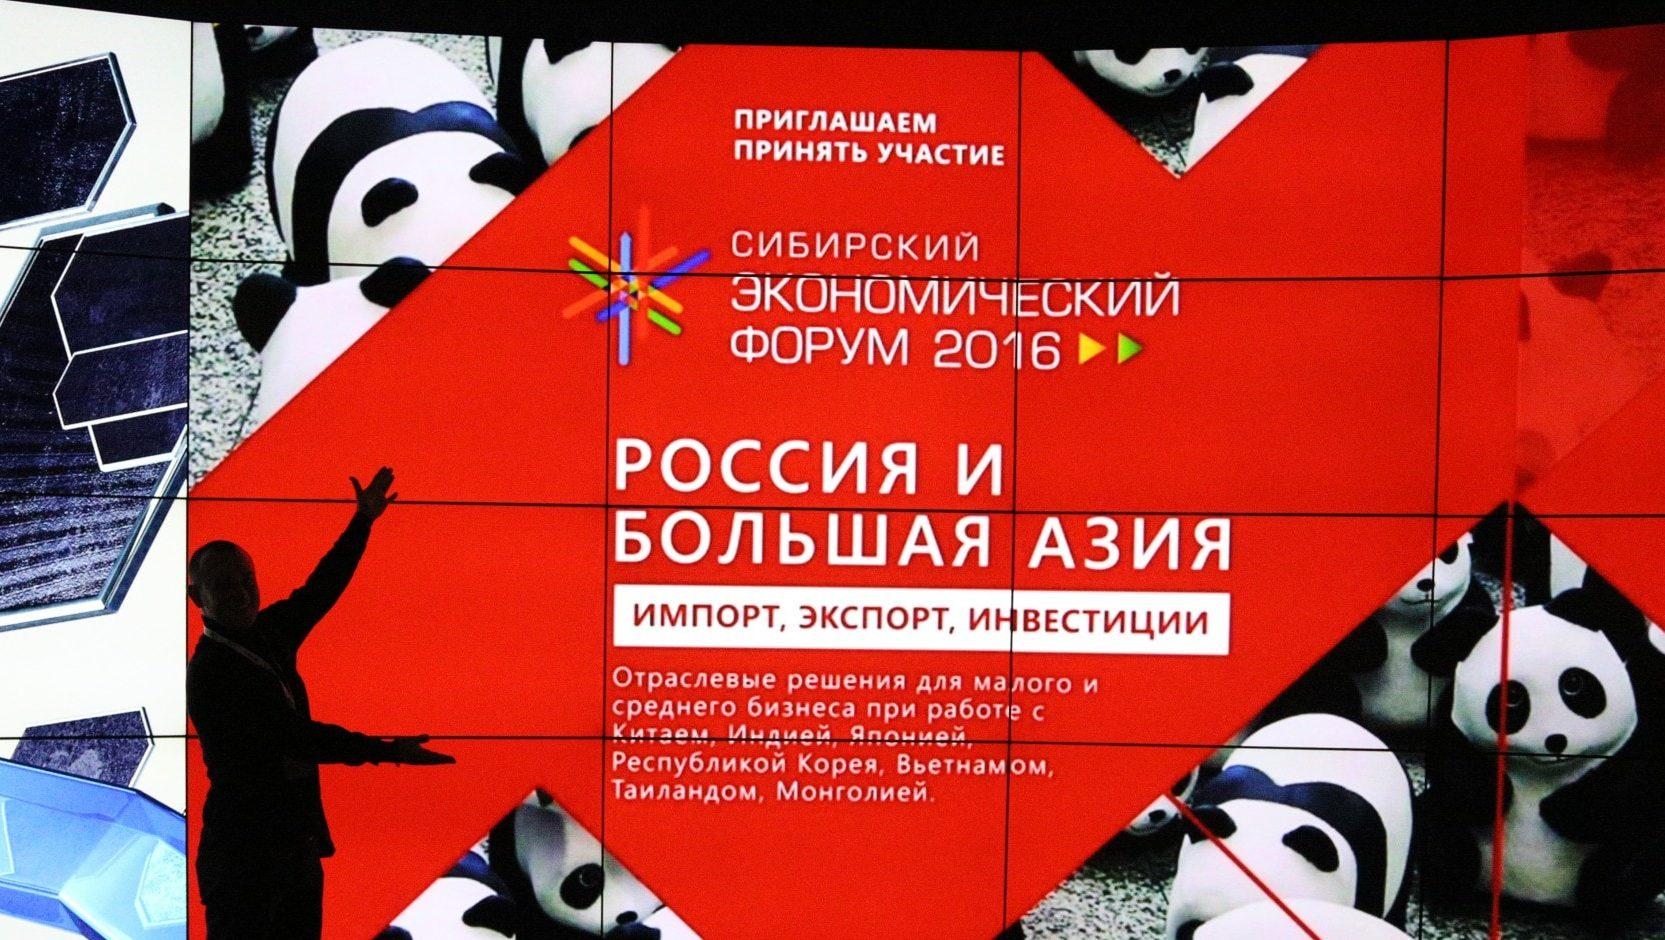 Сибирский экономический форум 2016